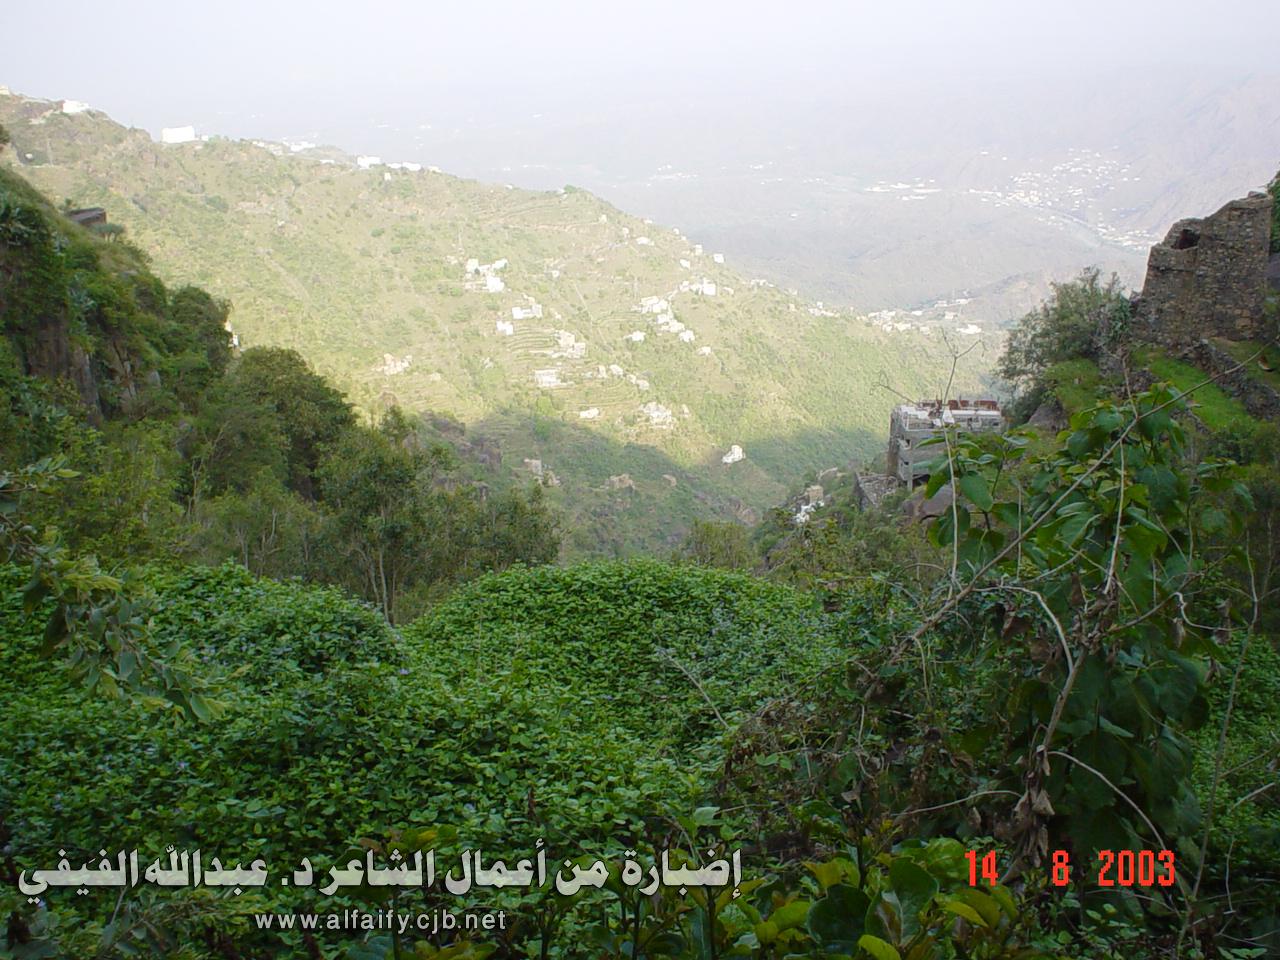 رحله سياحيه في فيــــــــــــفـاء 8